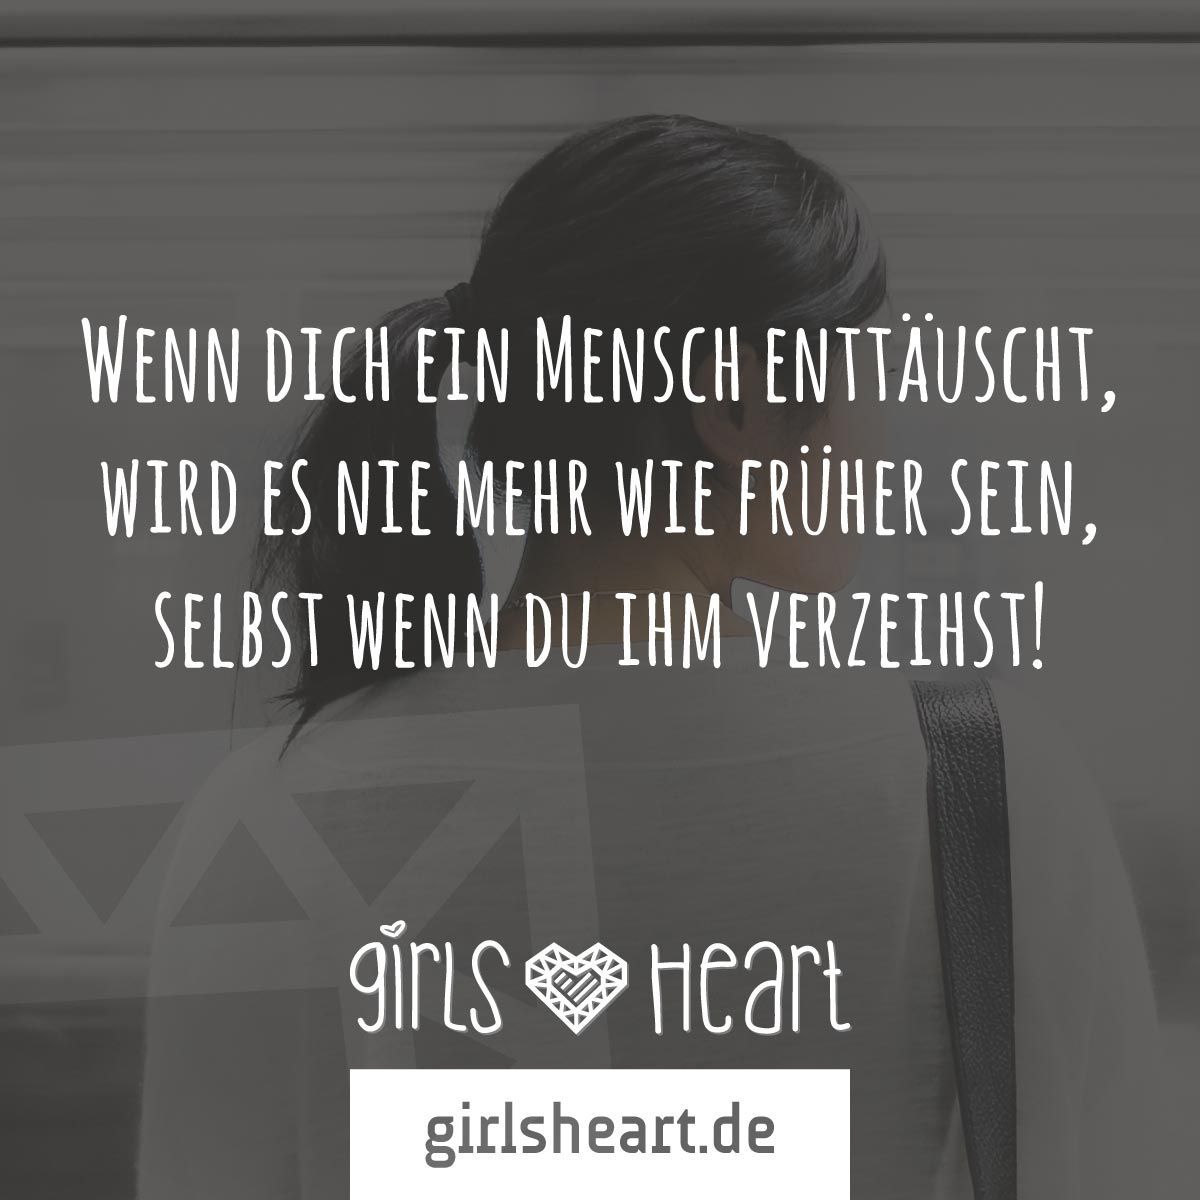 sprüche über enttäuschungen Mehr Sprüche auf: .girlsheart.de #enttäuschung #verzeihen  sprüche über enttäuschungen